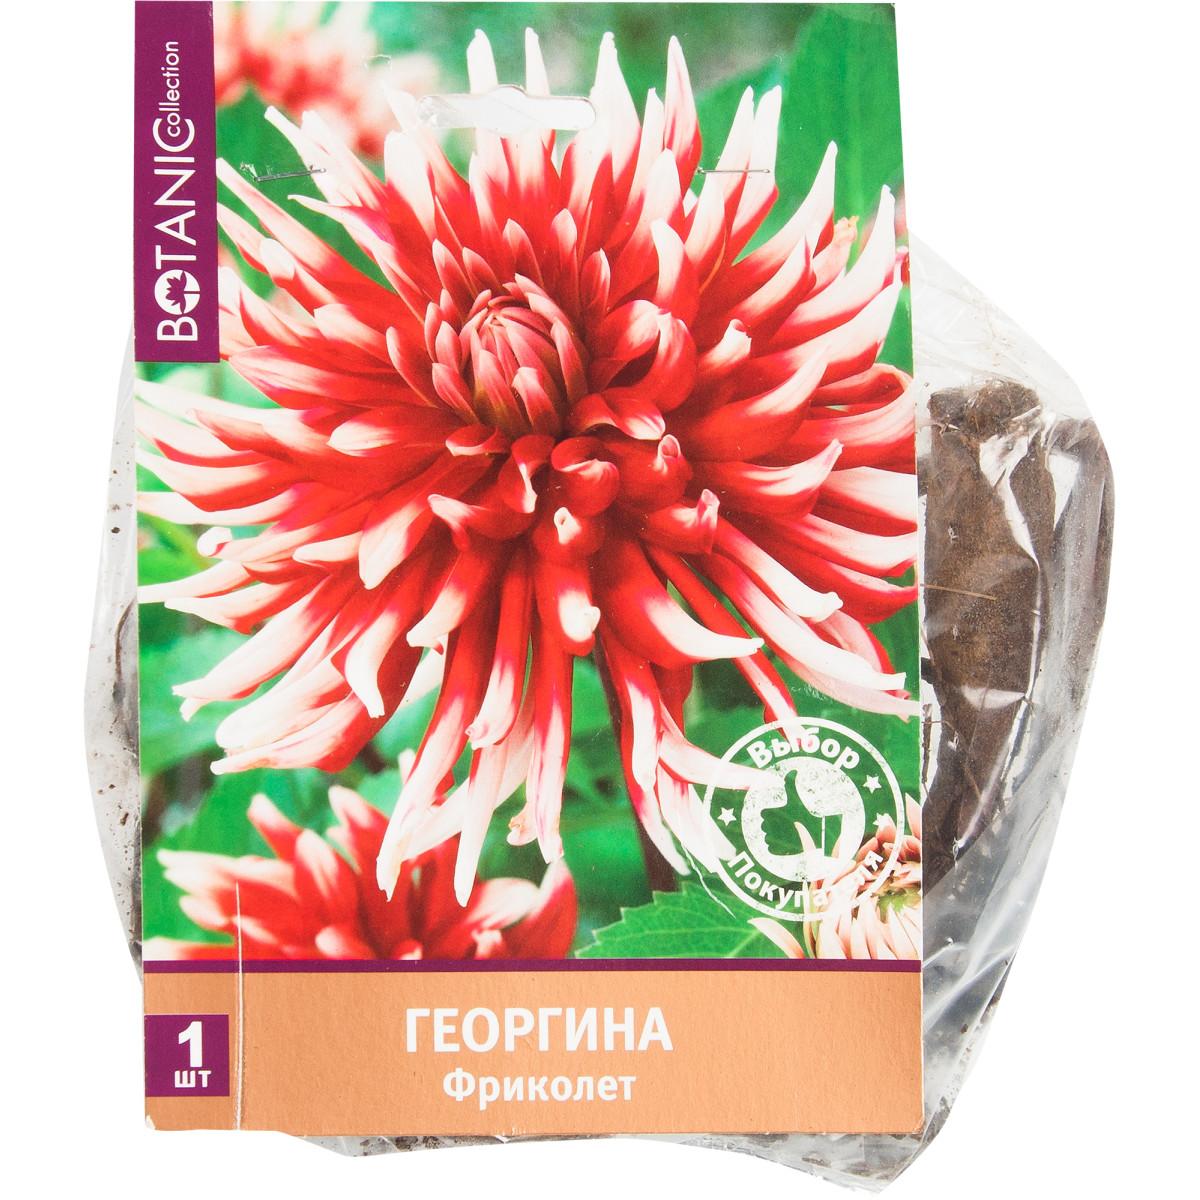 Георгина кактусовая «Фриколет»